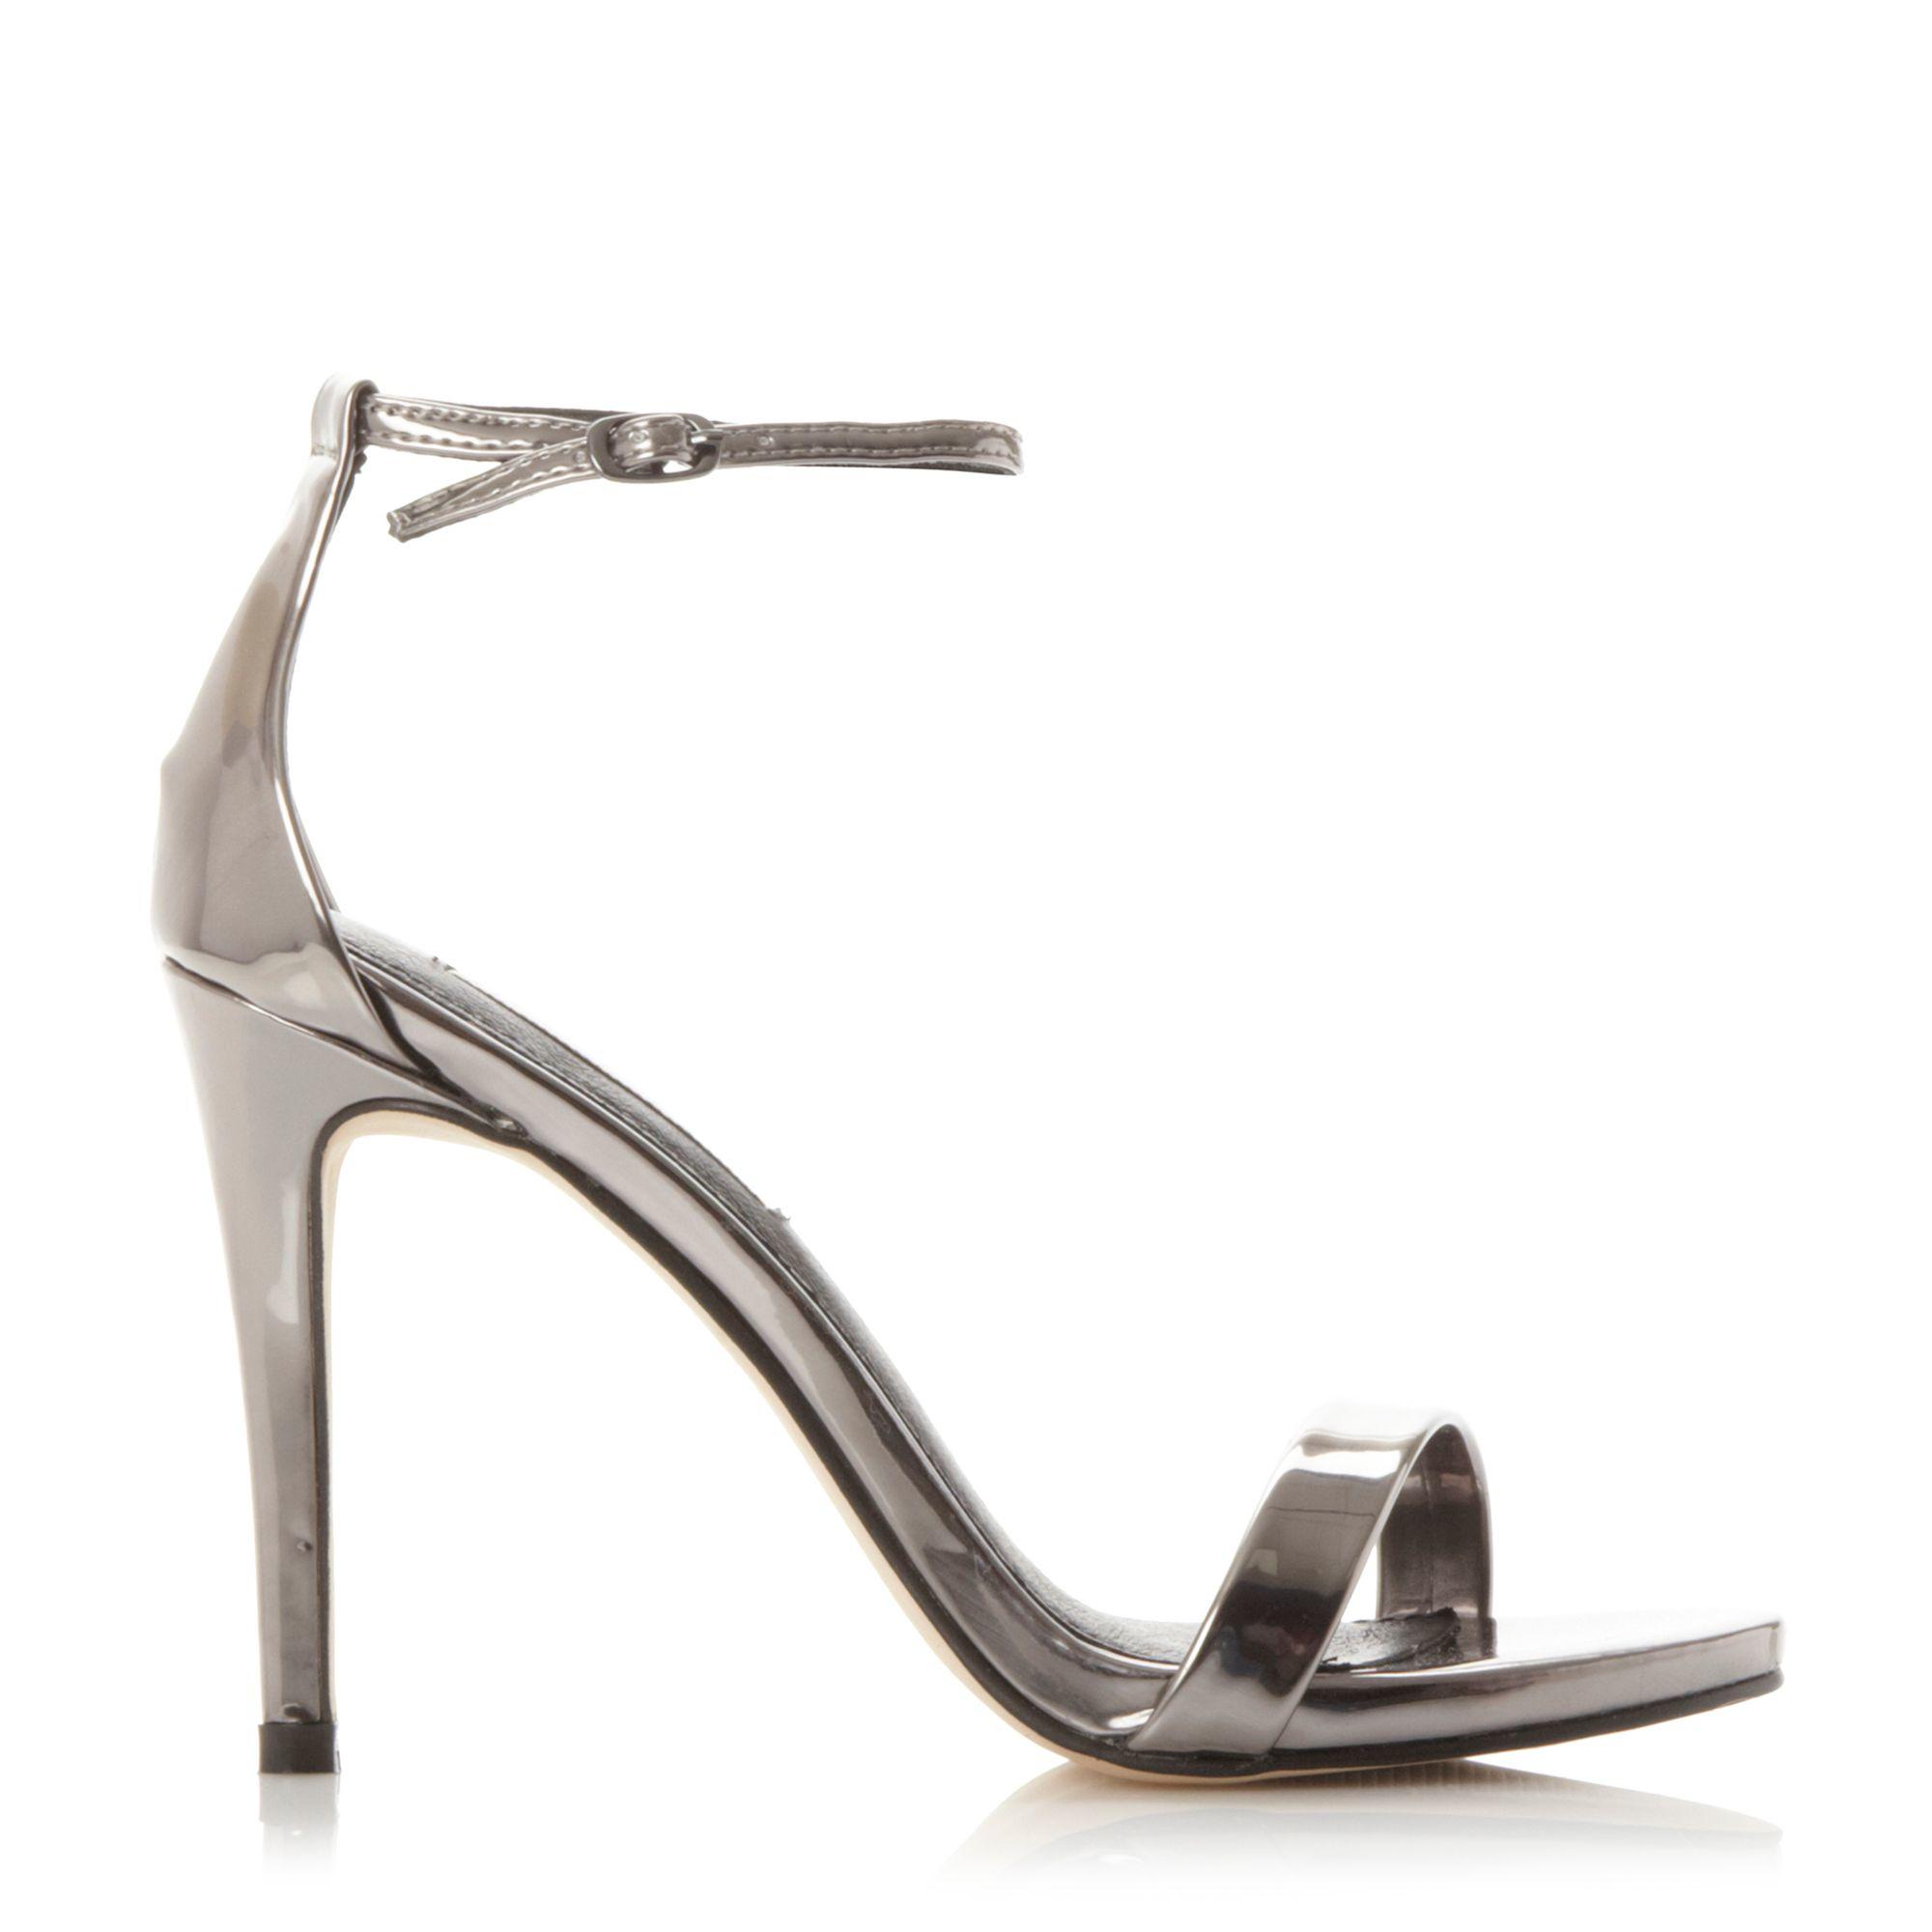 Metallic Court Shoes Uk